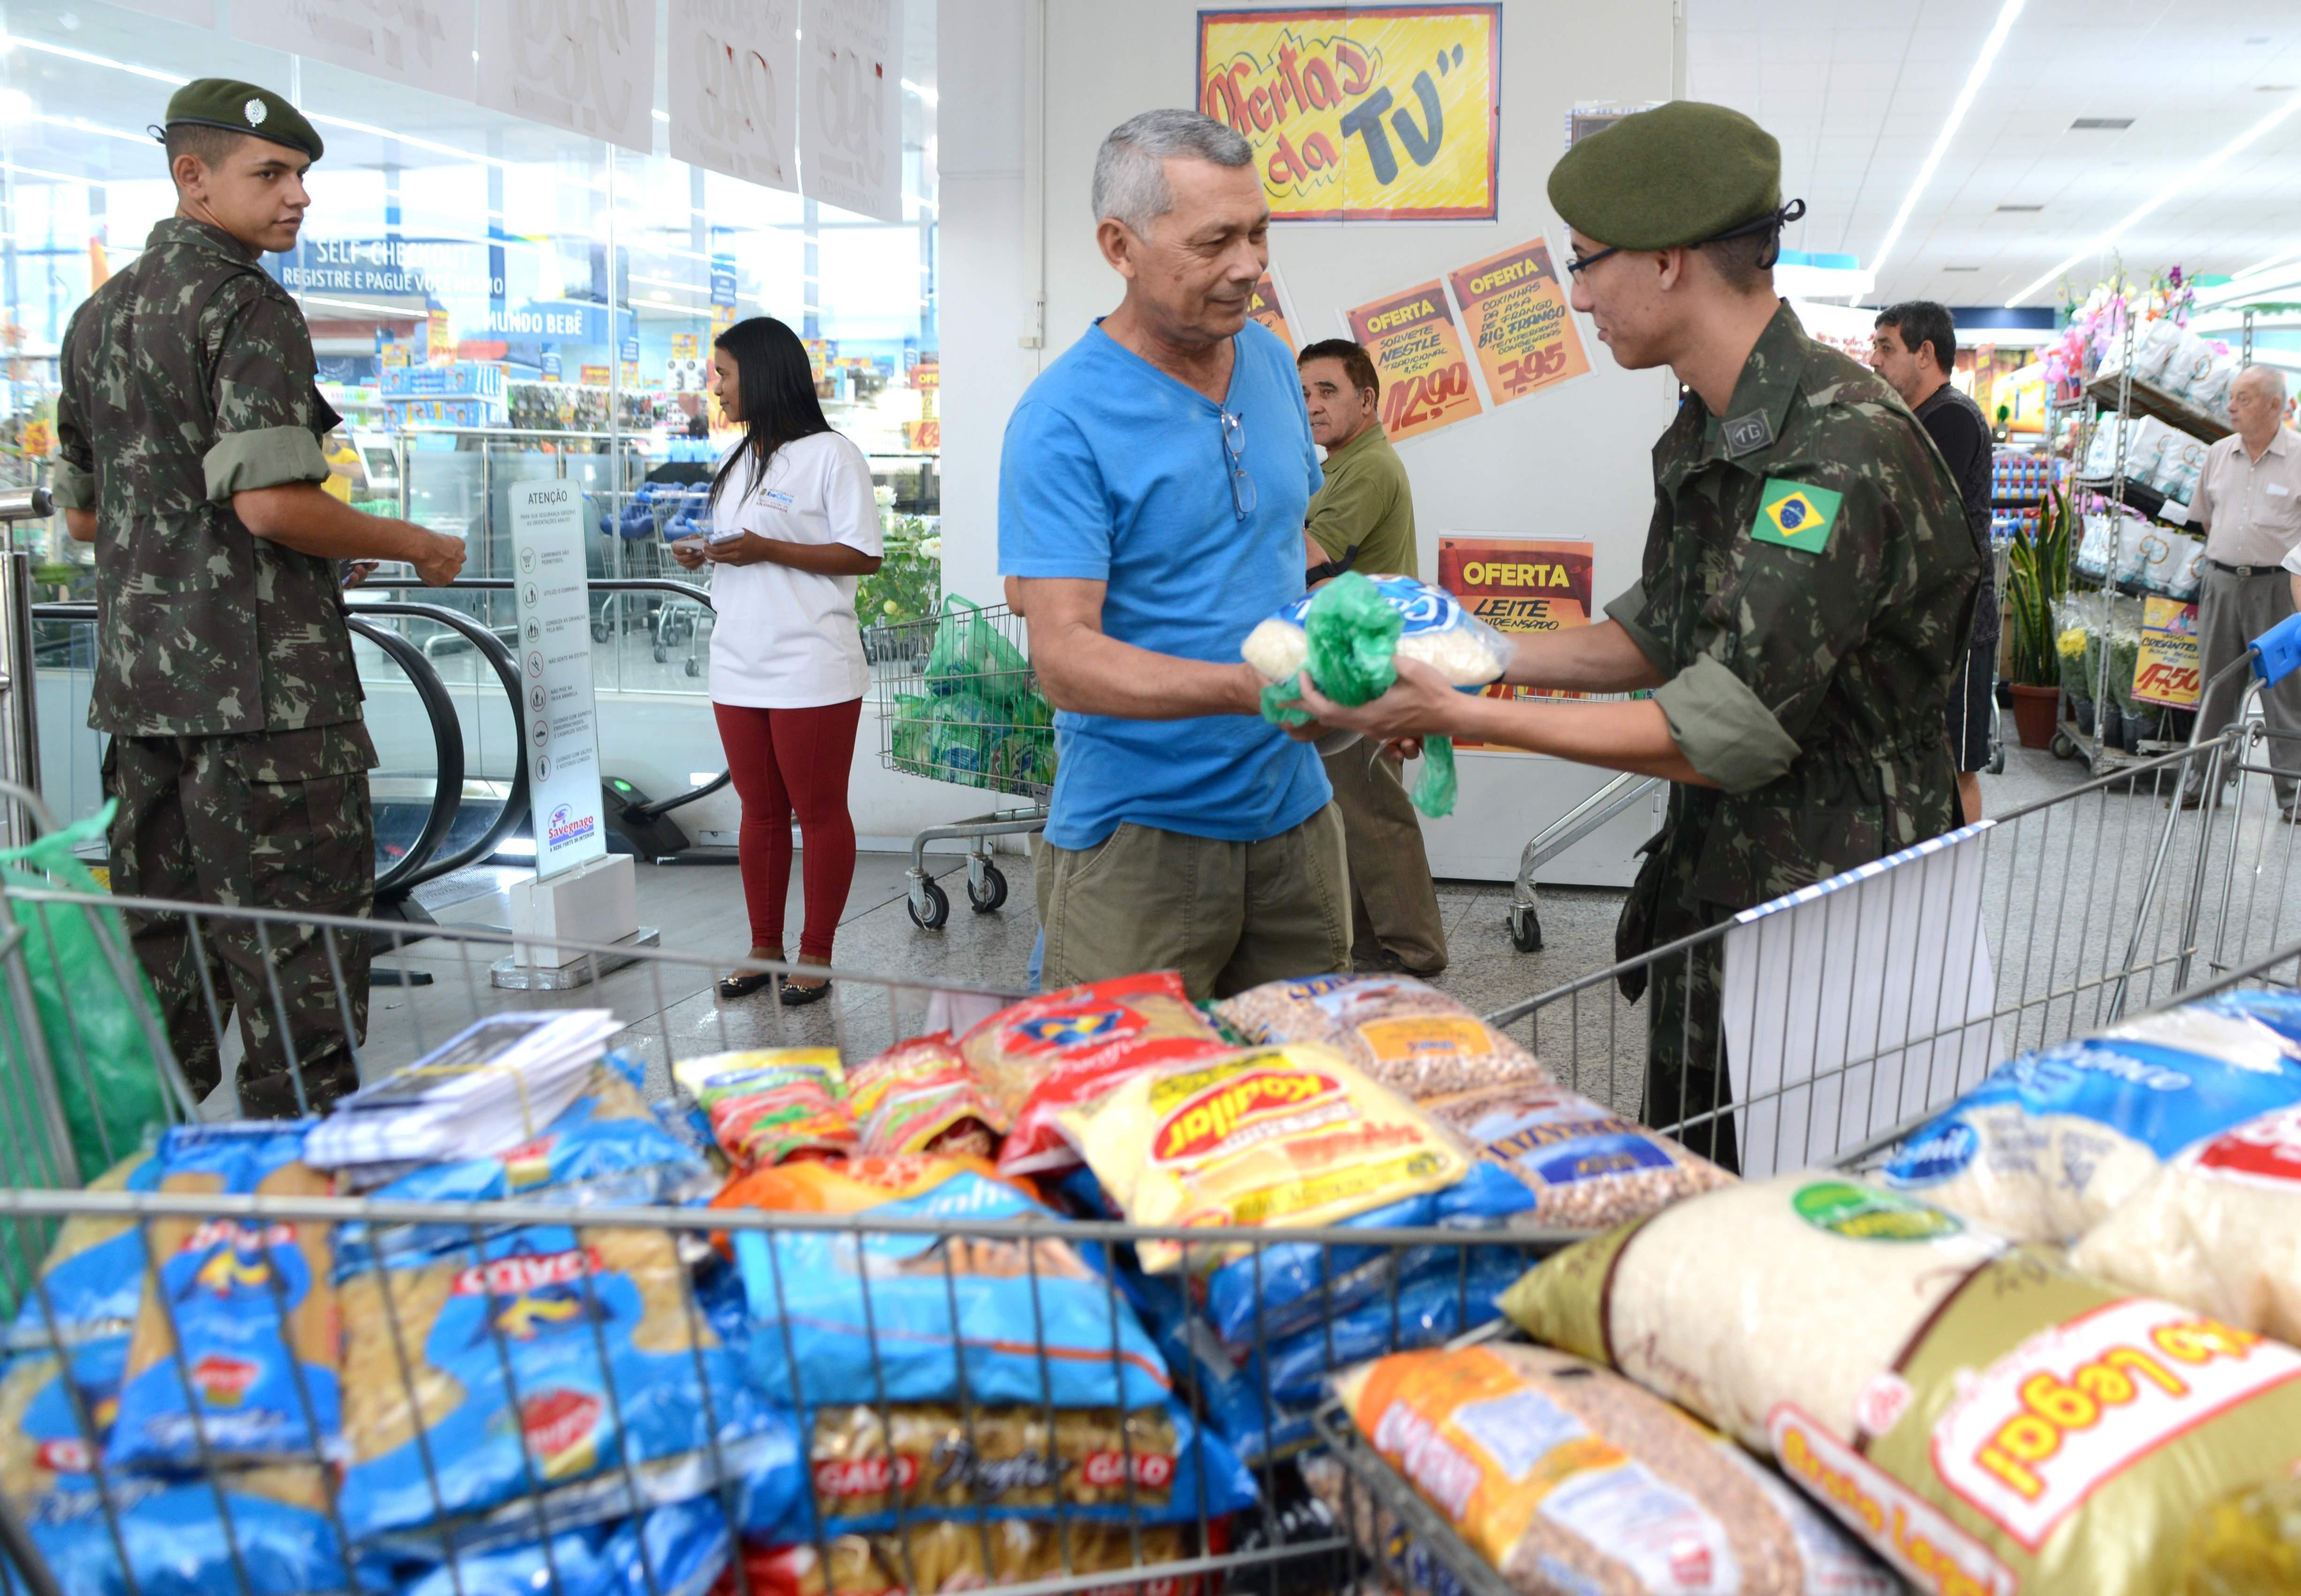 Campanha arrecada alimentos em supermercados neste sábado